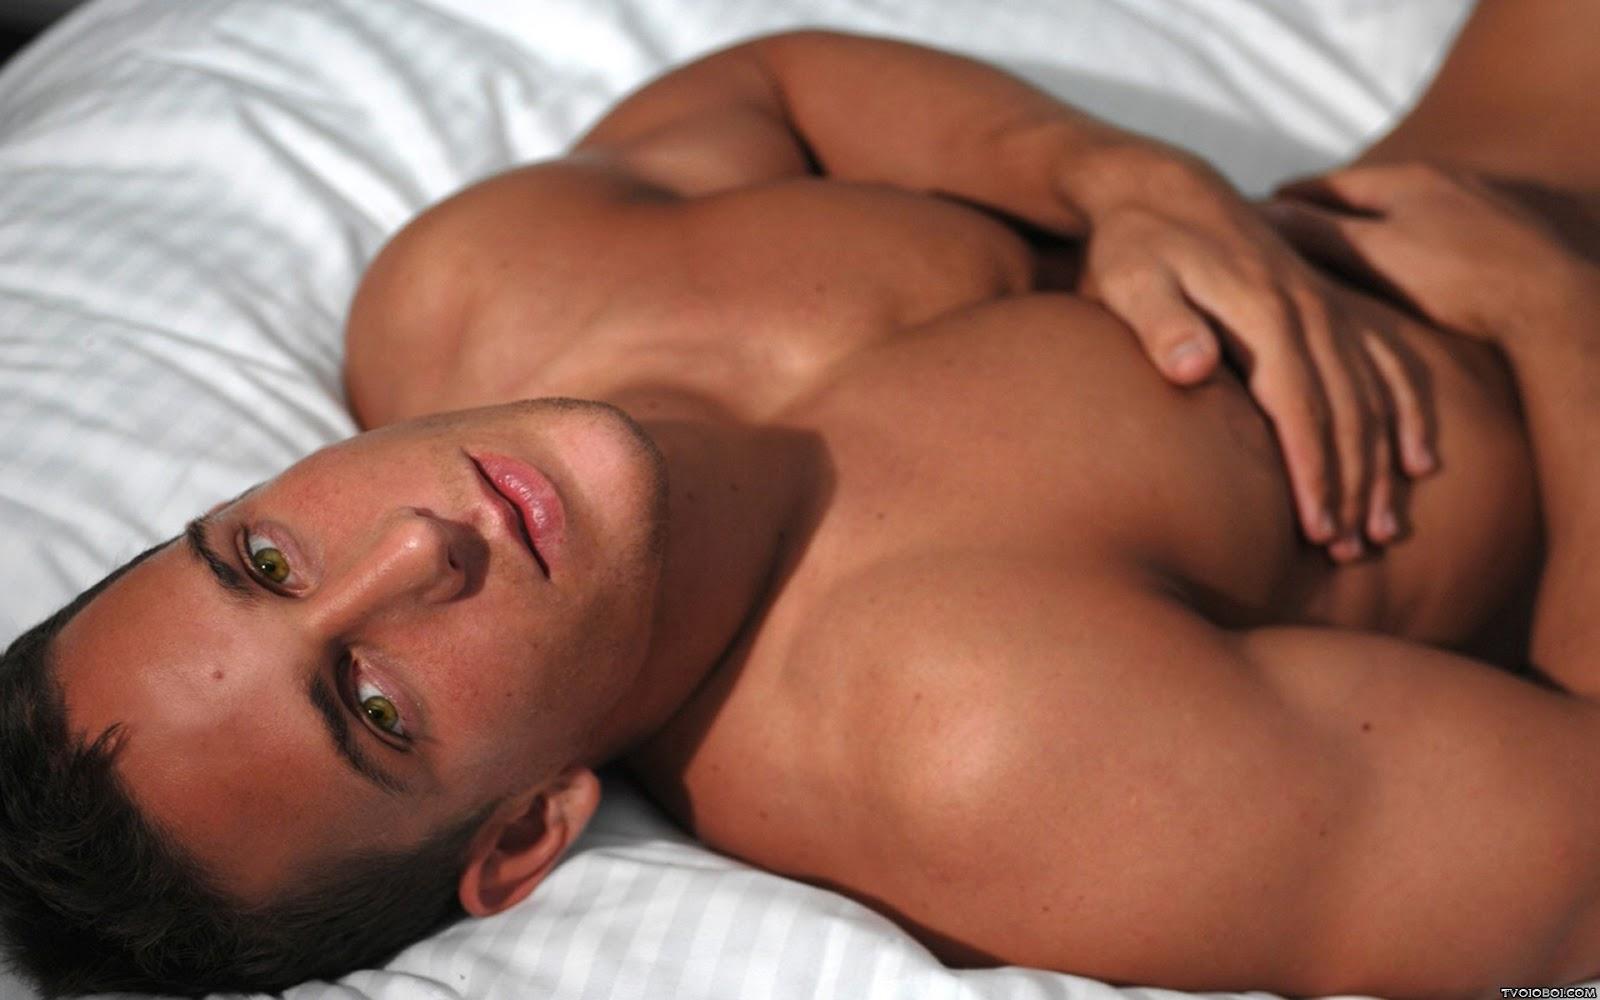 Смотреть обнаженные тела мужчин 20 фотография